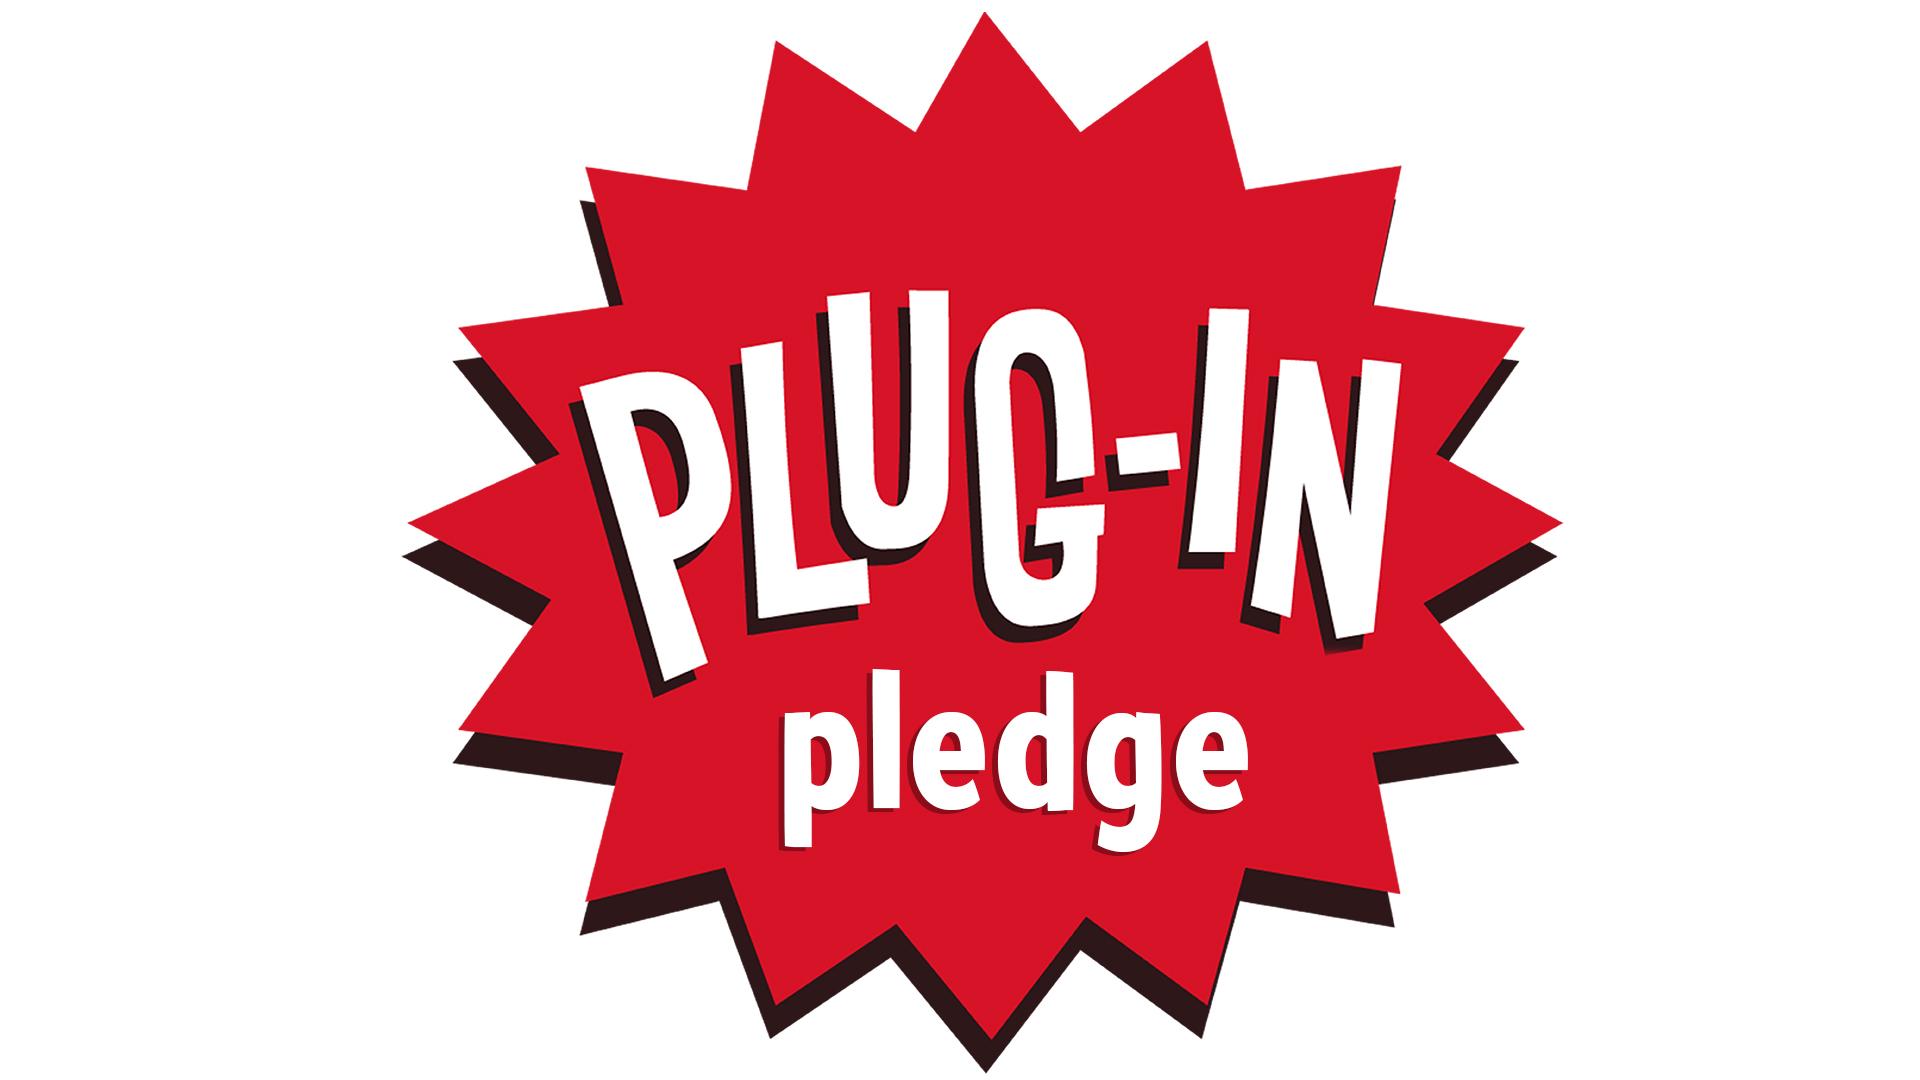 PIM_pledge